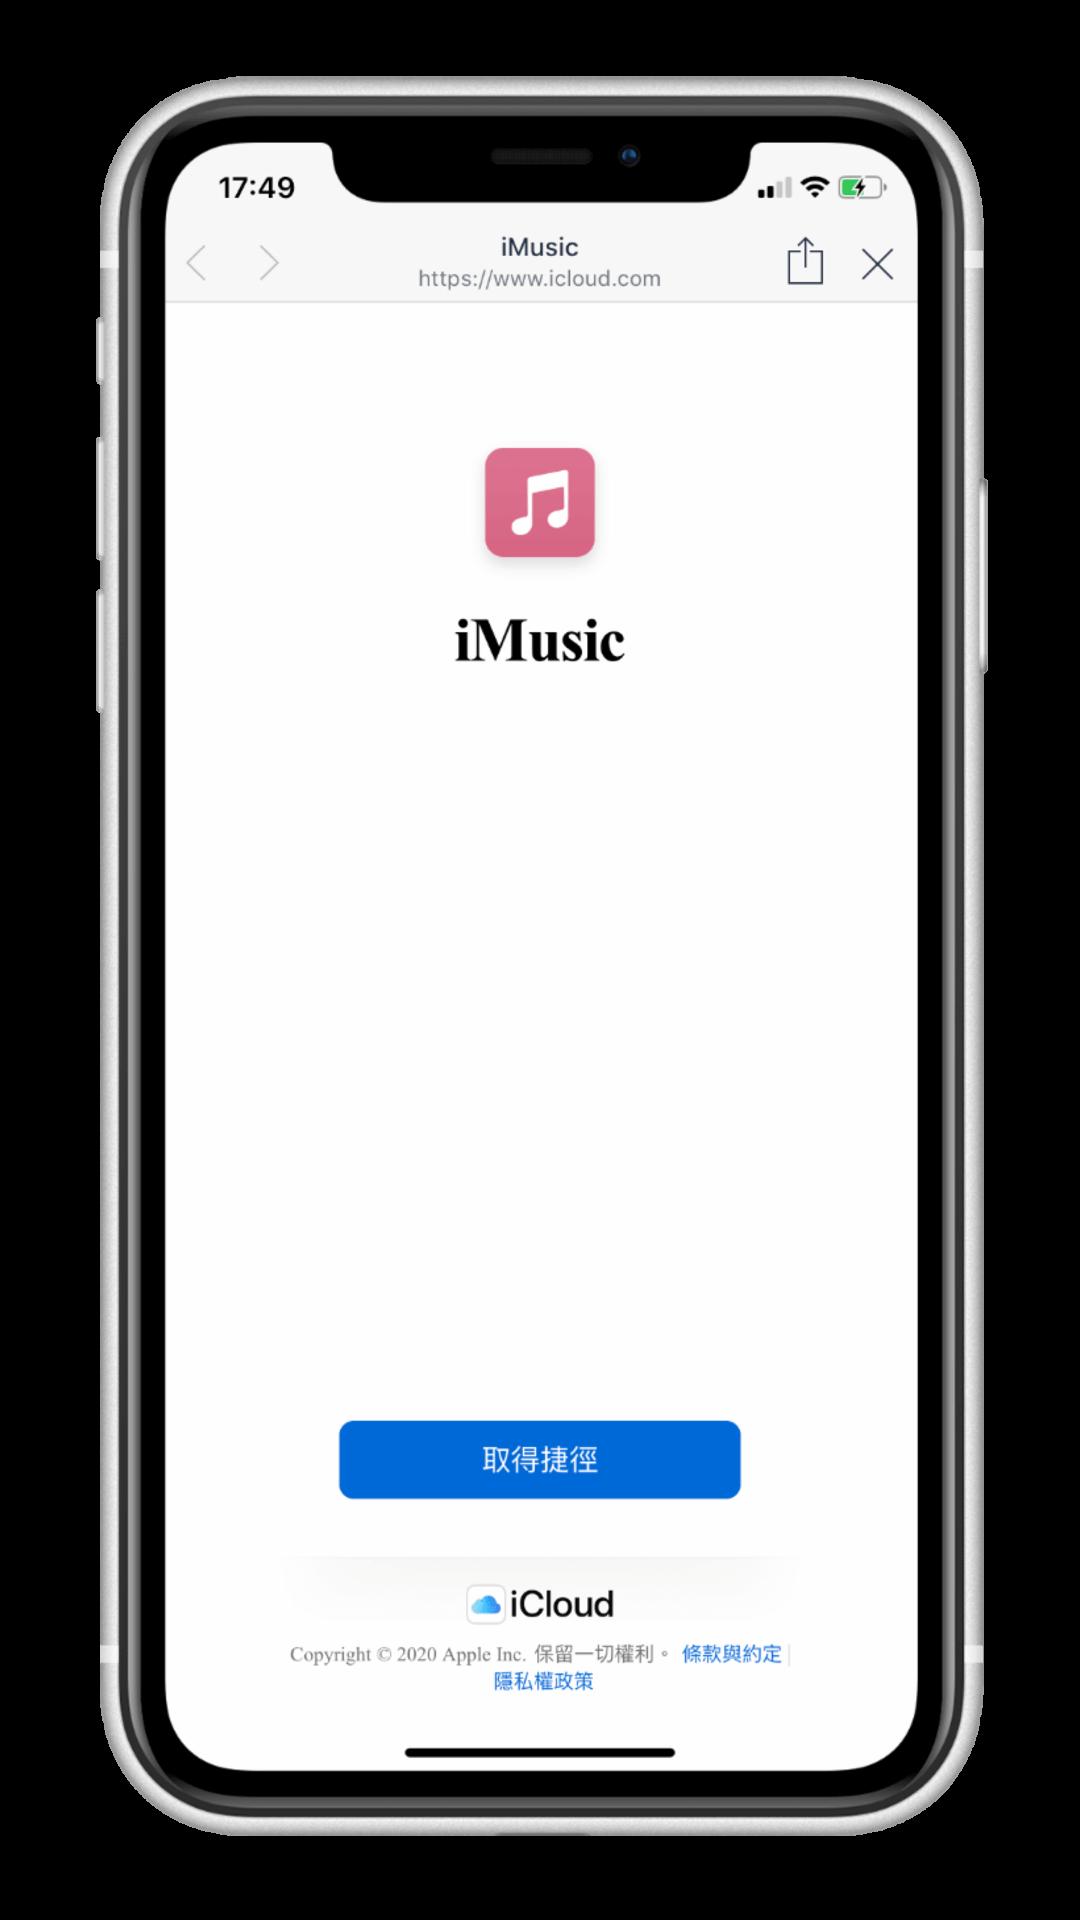 用 iOS 捷徑下載 YouTube 音樂,並同時搭配歌詞!